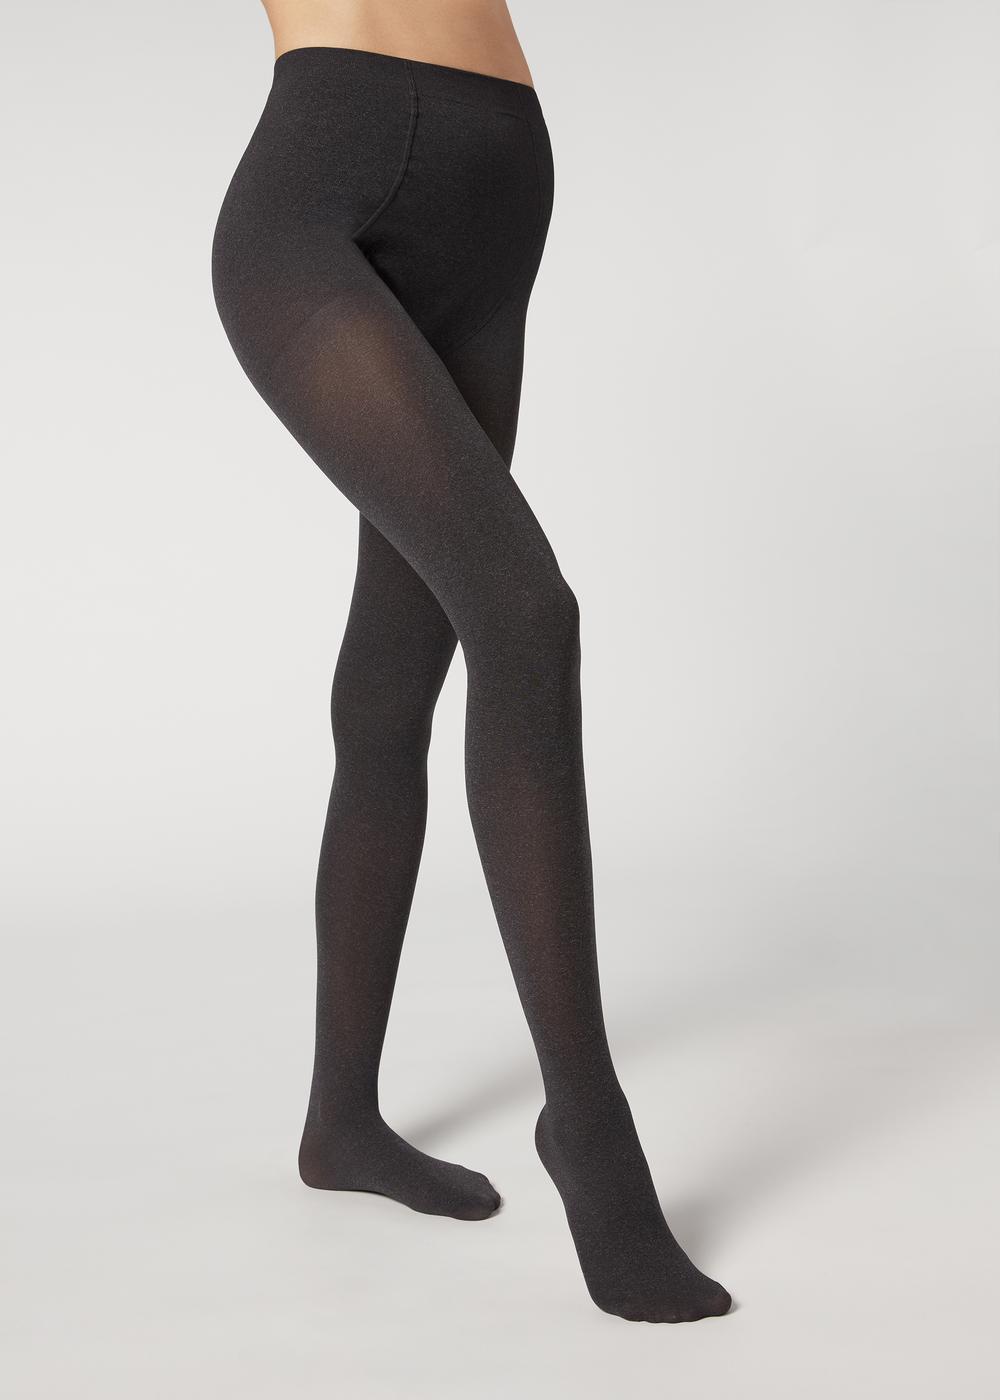 Těhotenské punčochové kalhoty 60 DEN